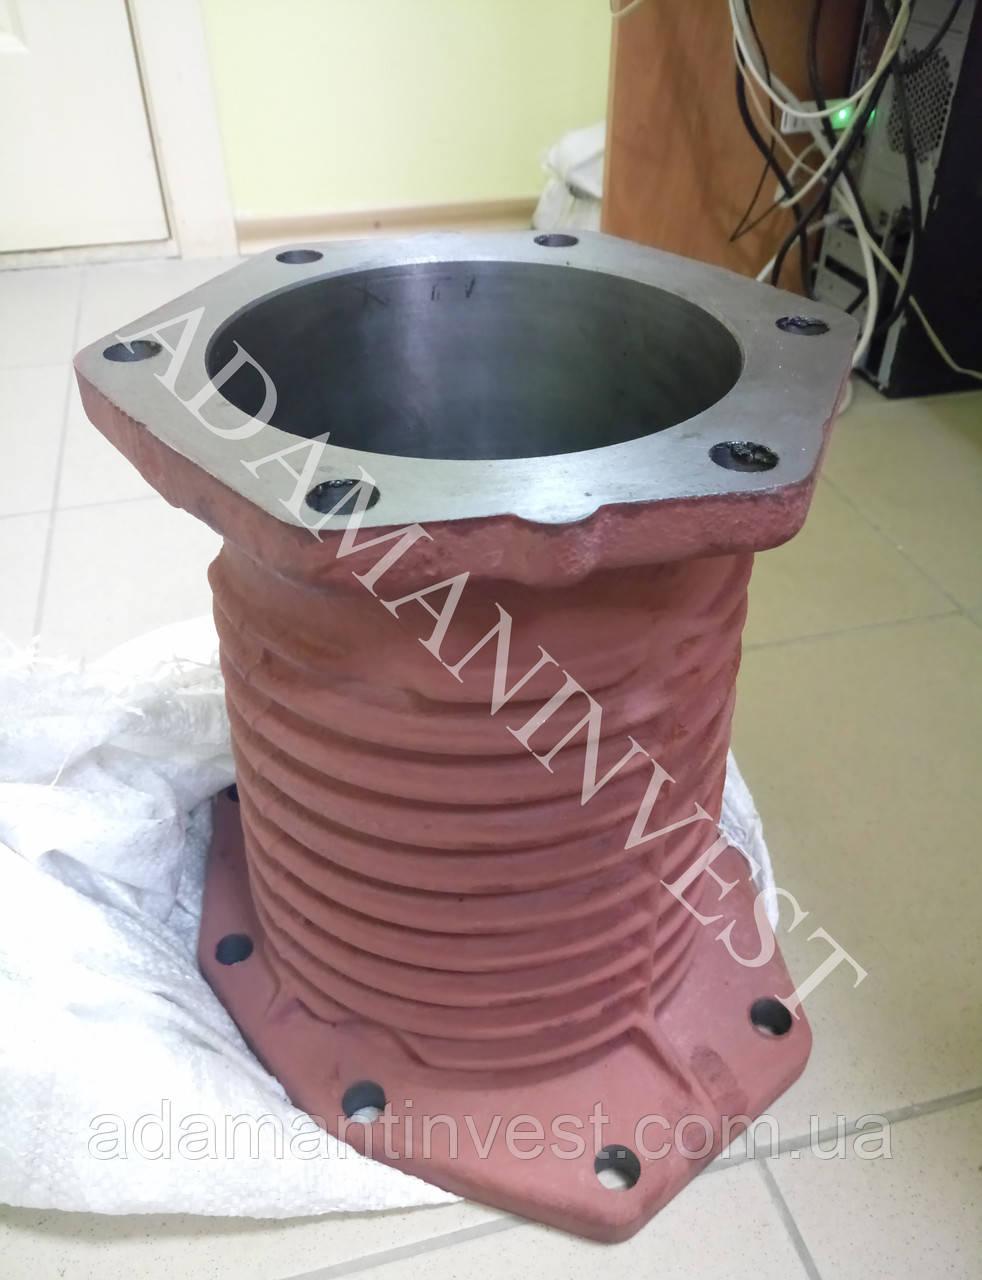 Цилиндры НД, Цилиндры ВД компрессоров ПК-1.75, КТ-6, ПК-5.25, КТ-7